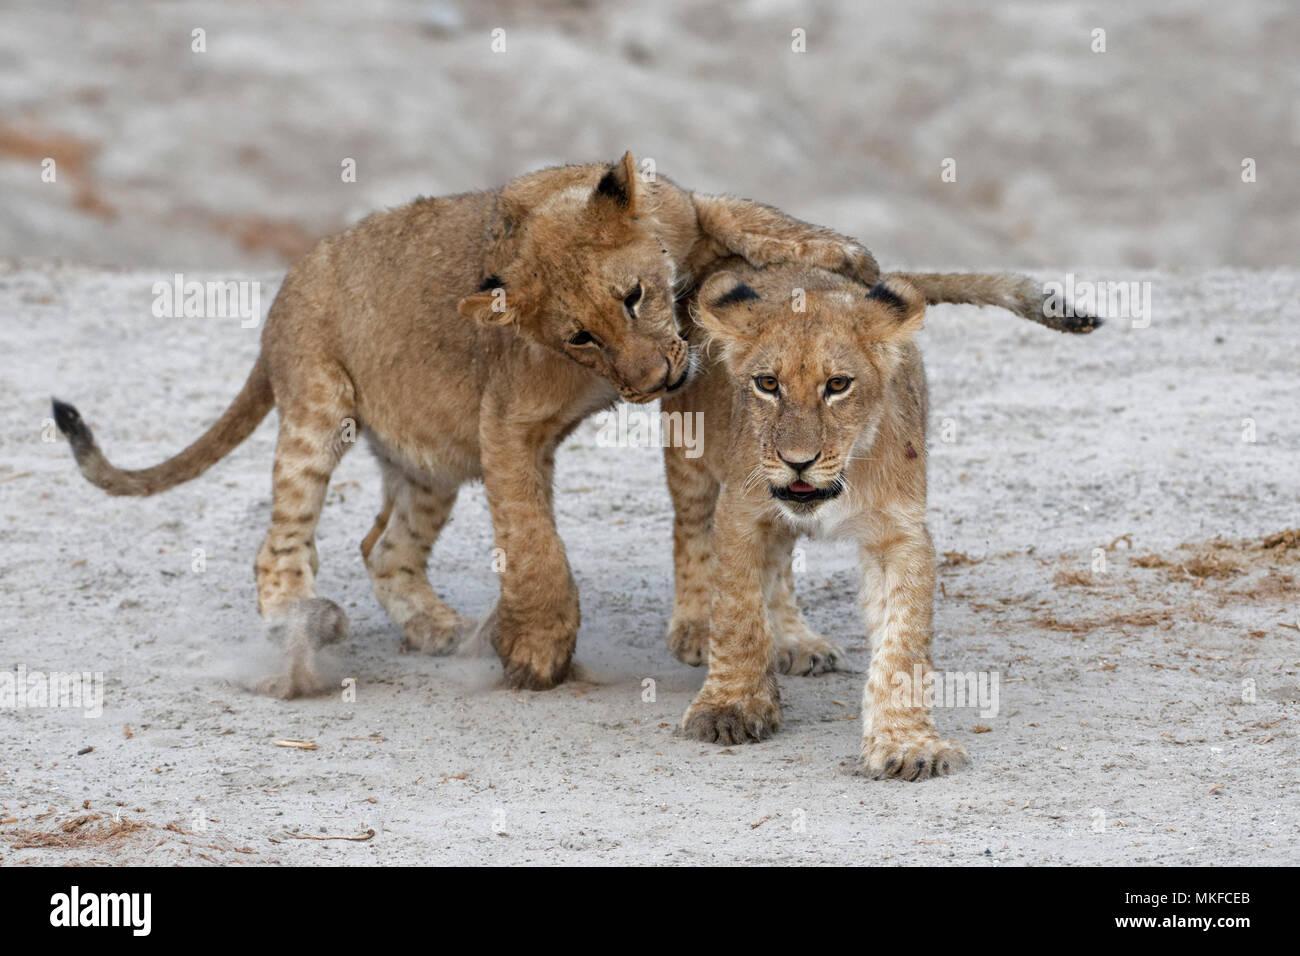 Lion (Panthera leo) cubs playing, Botswana - Stock Image